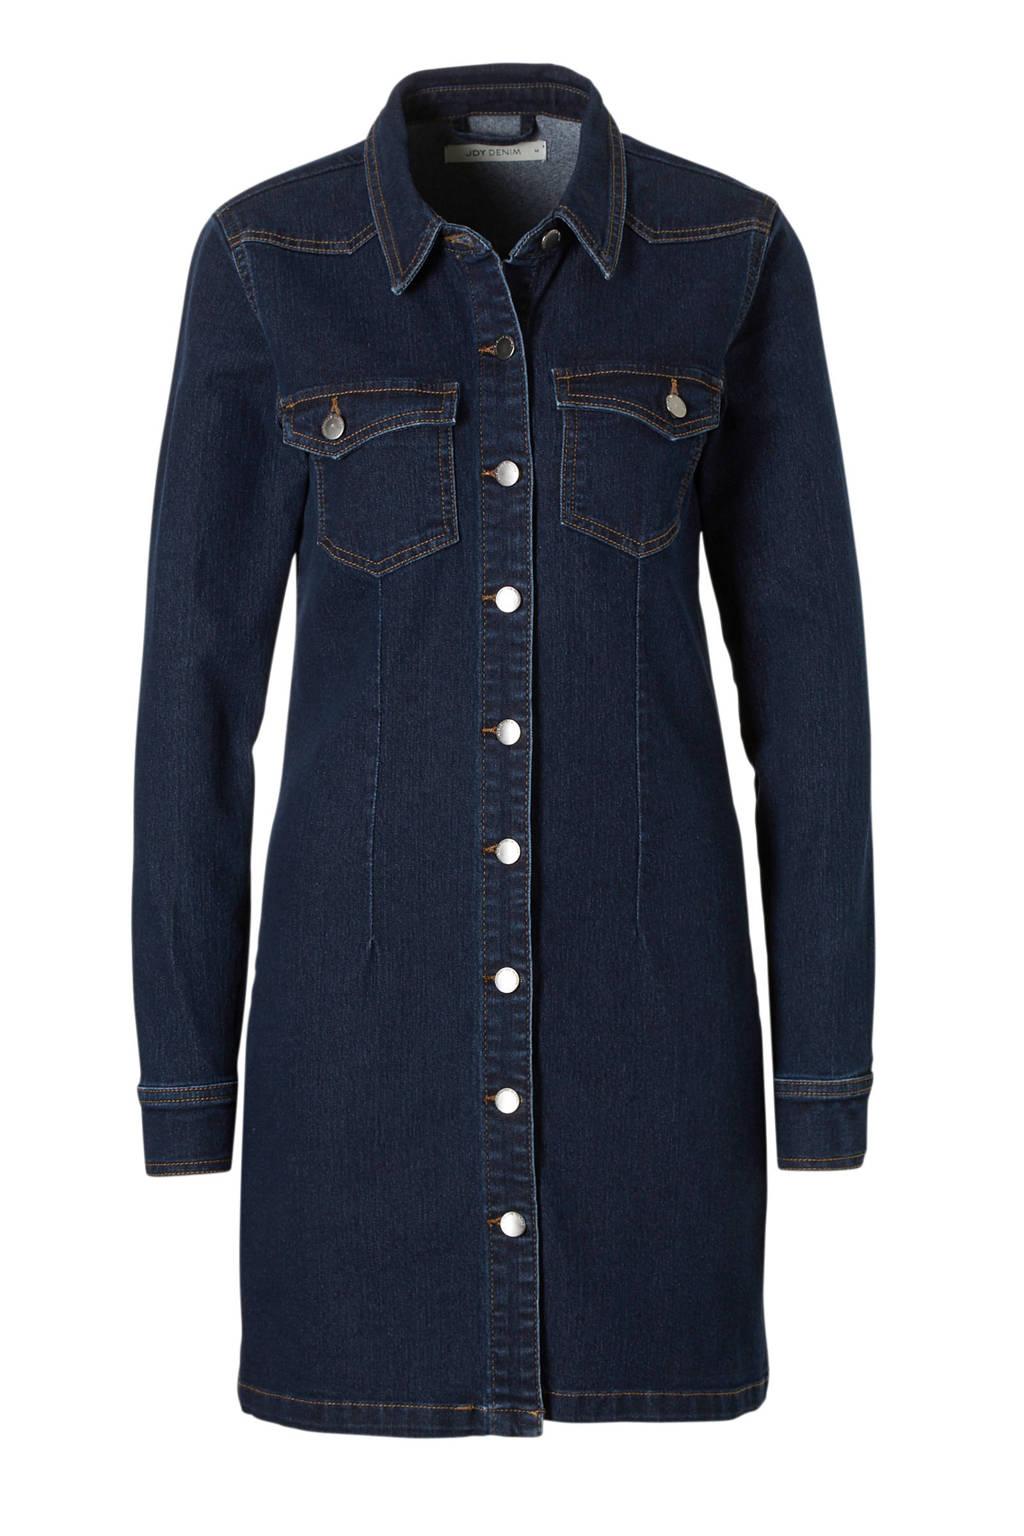 JACQUELINE DE YONG spijker jurk, Donkerblauw